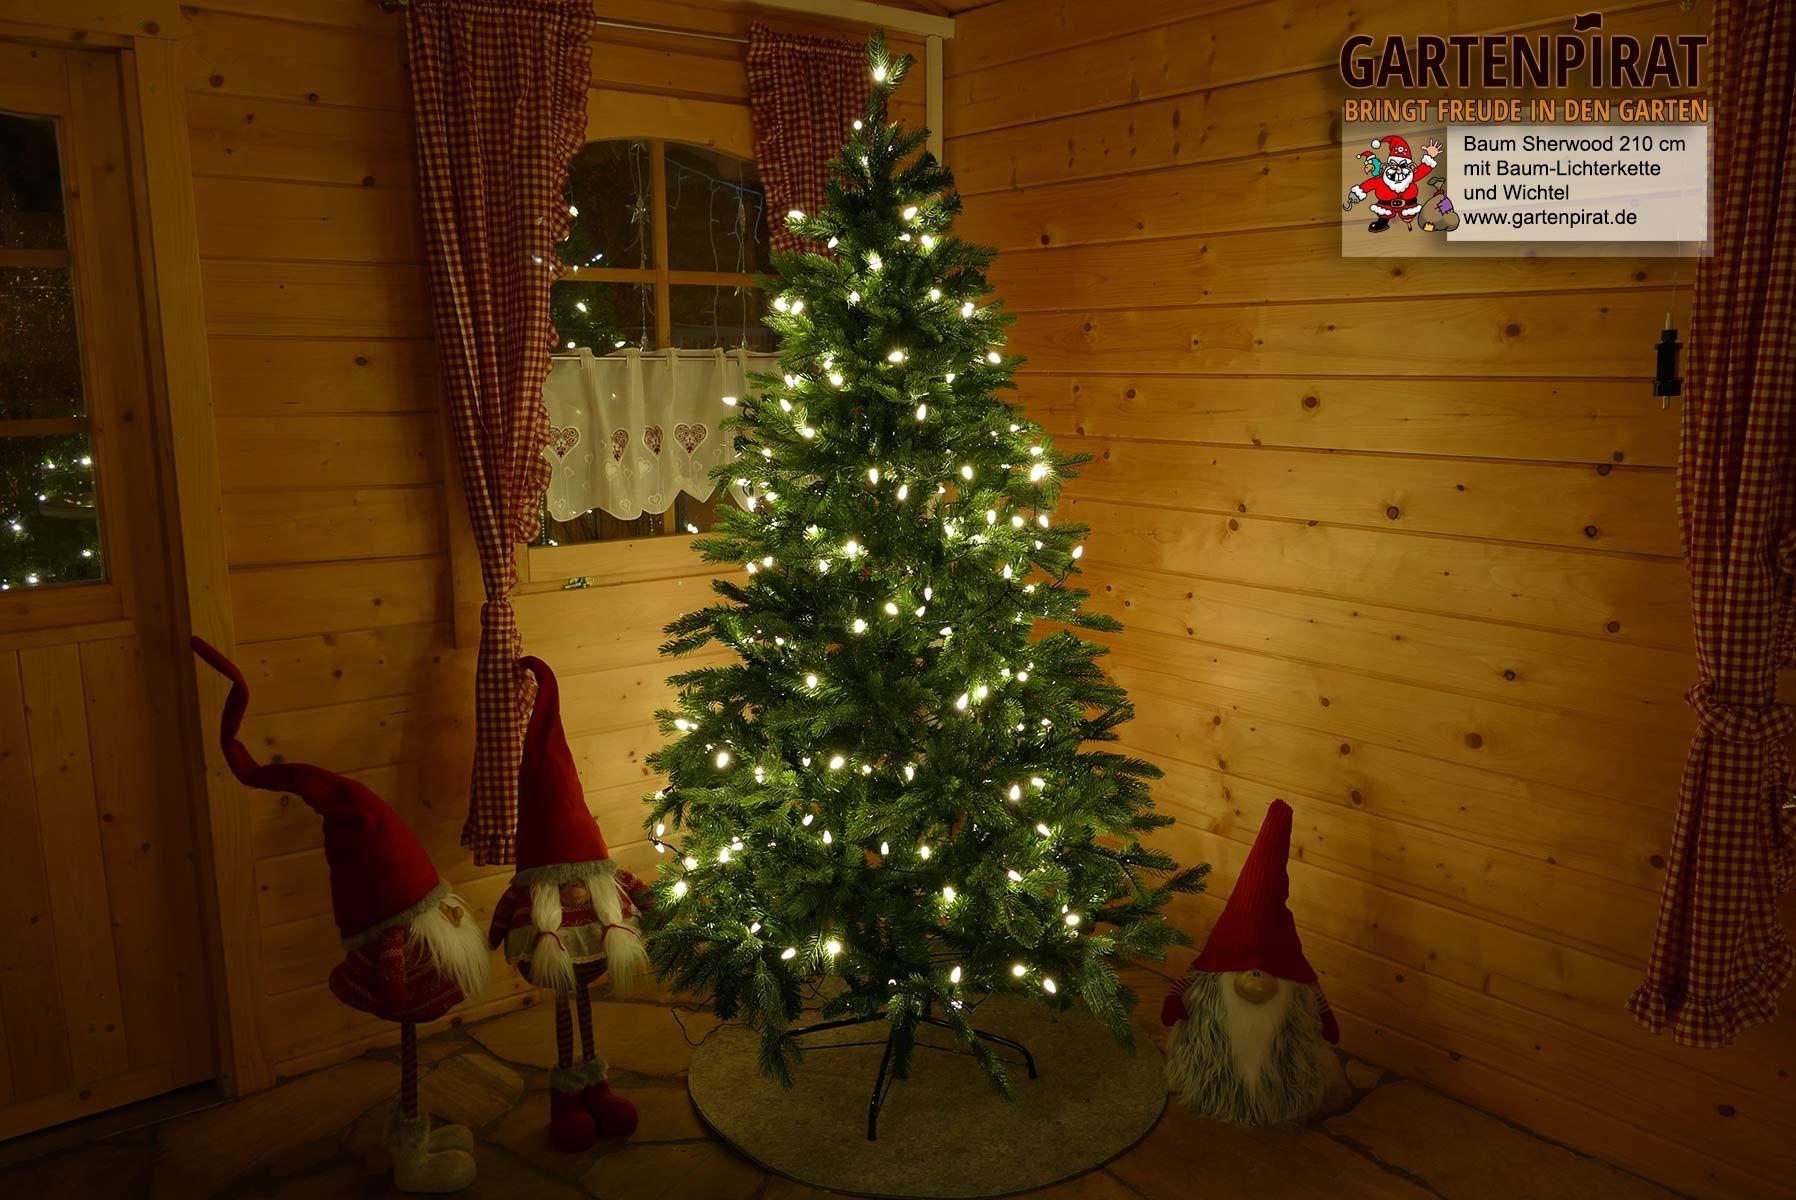 Geschmückter Künstlicher Weihnachtsbaum Mit Lichterkette.Künstlicher Weihnachtsbaum Geschmückt Mit Lichterkette